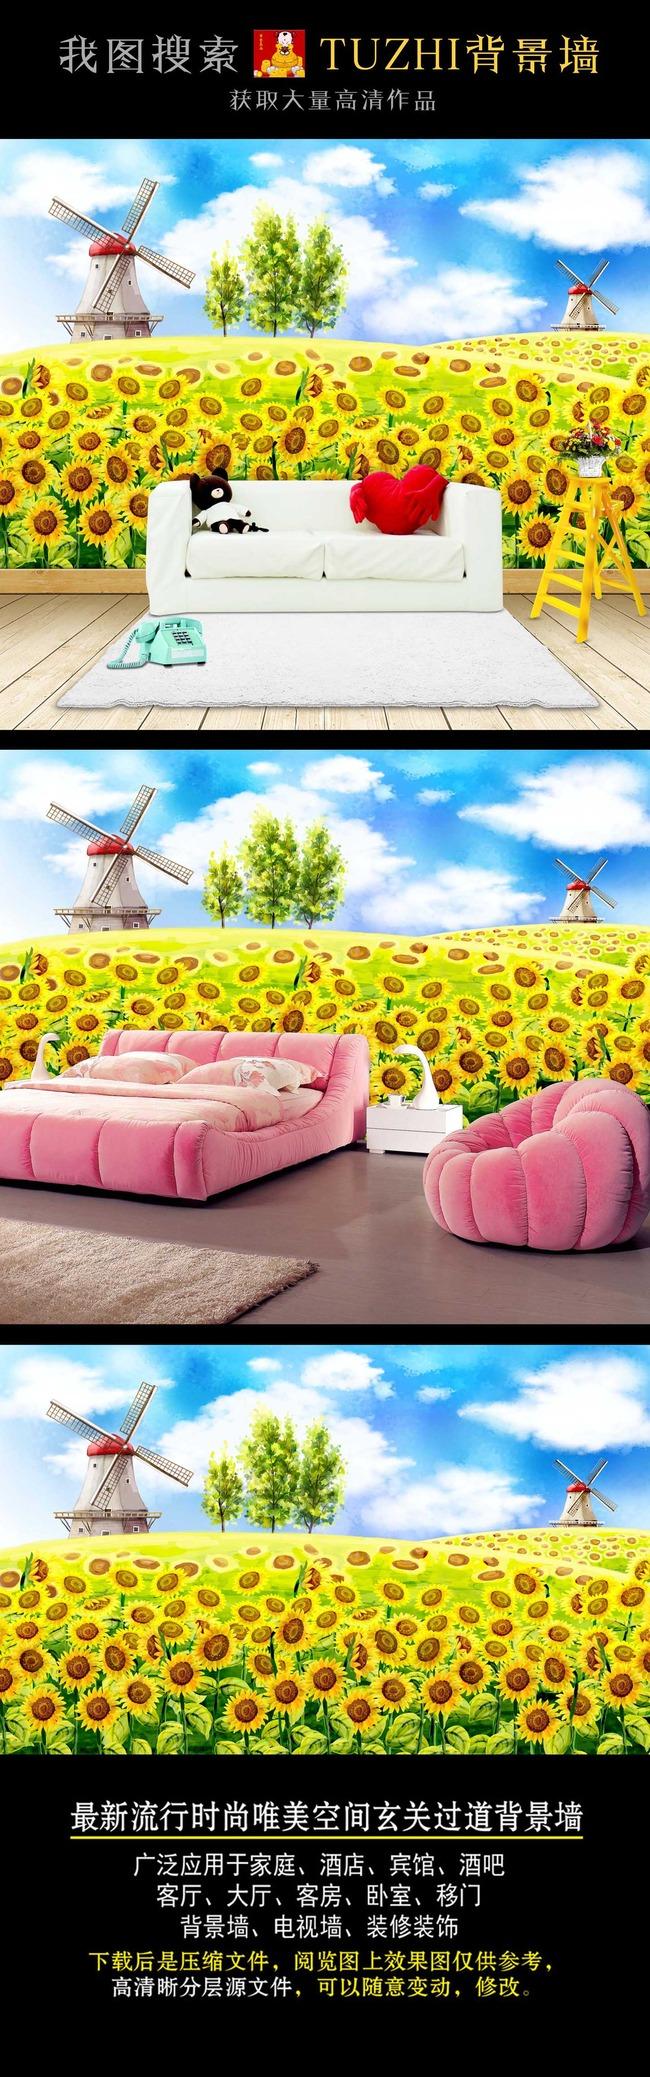 卡通向日葵风景简约手绘唯美背景墙